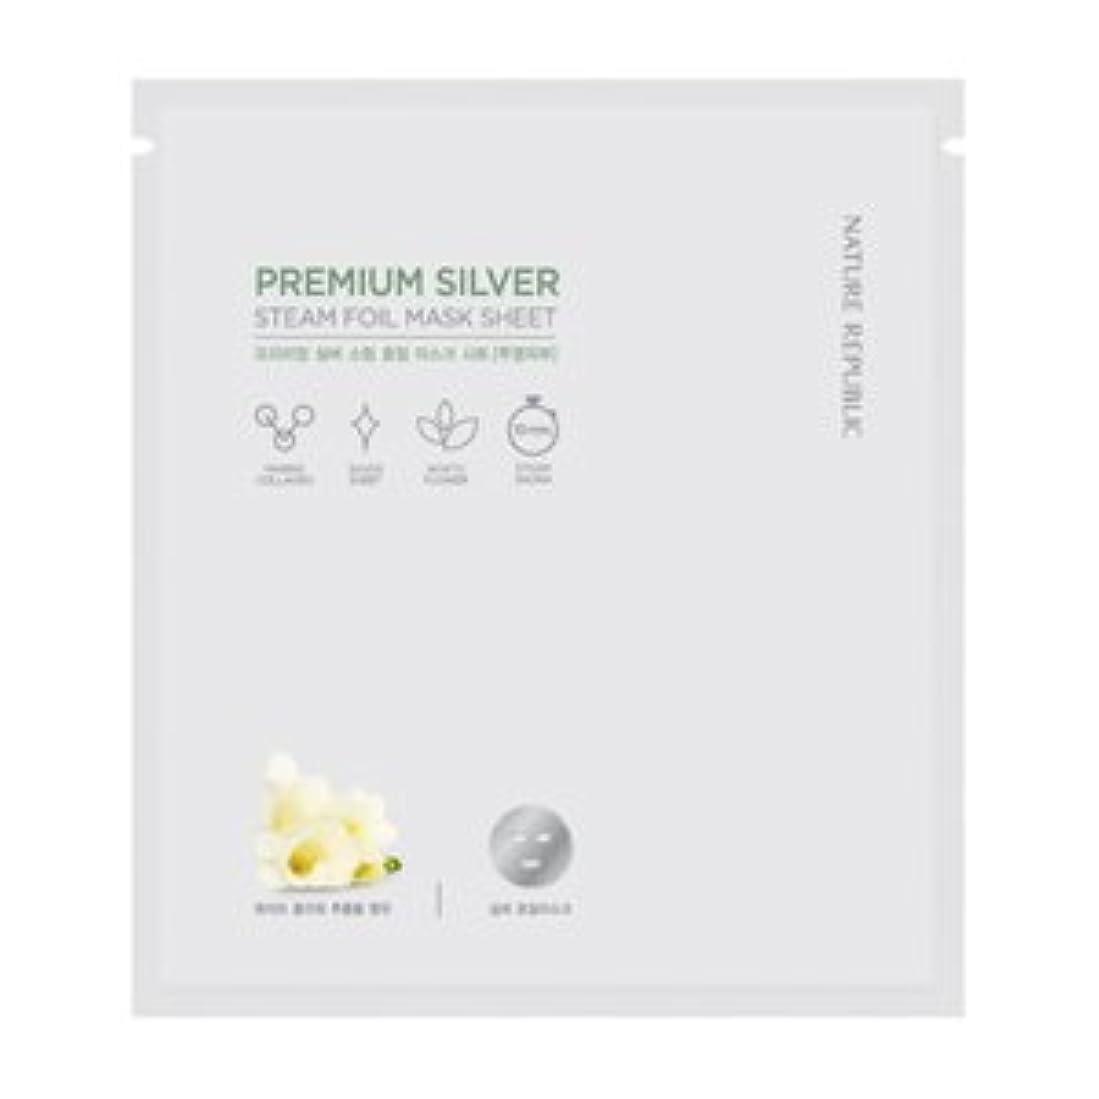 オンスアダルト干渉Nature Republic Premium silver Steam Foil Mask Sheet [5ea] ネーチャーリパブリック プレミアムシルバースチームホイルマスクシート [5枚] [並行輸入品]